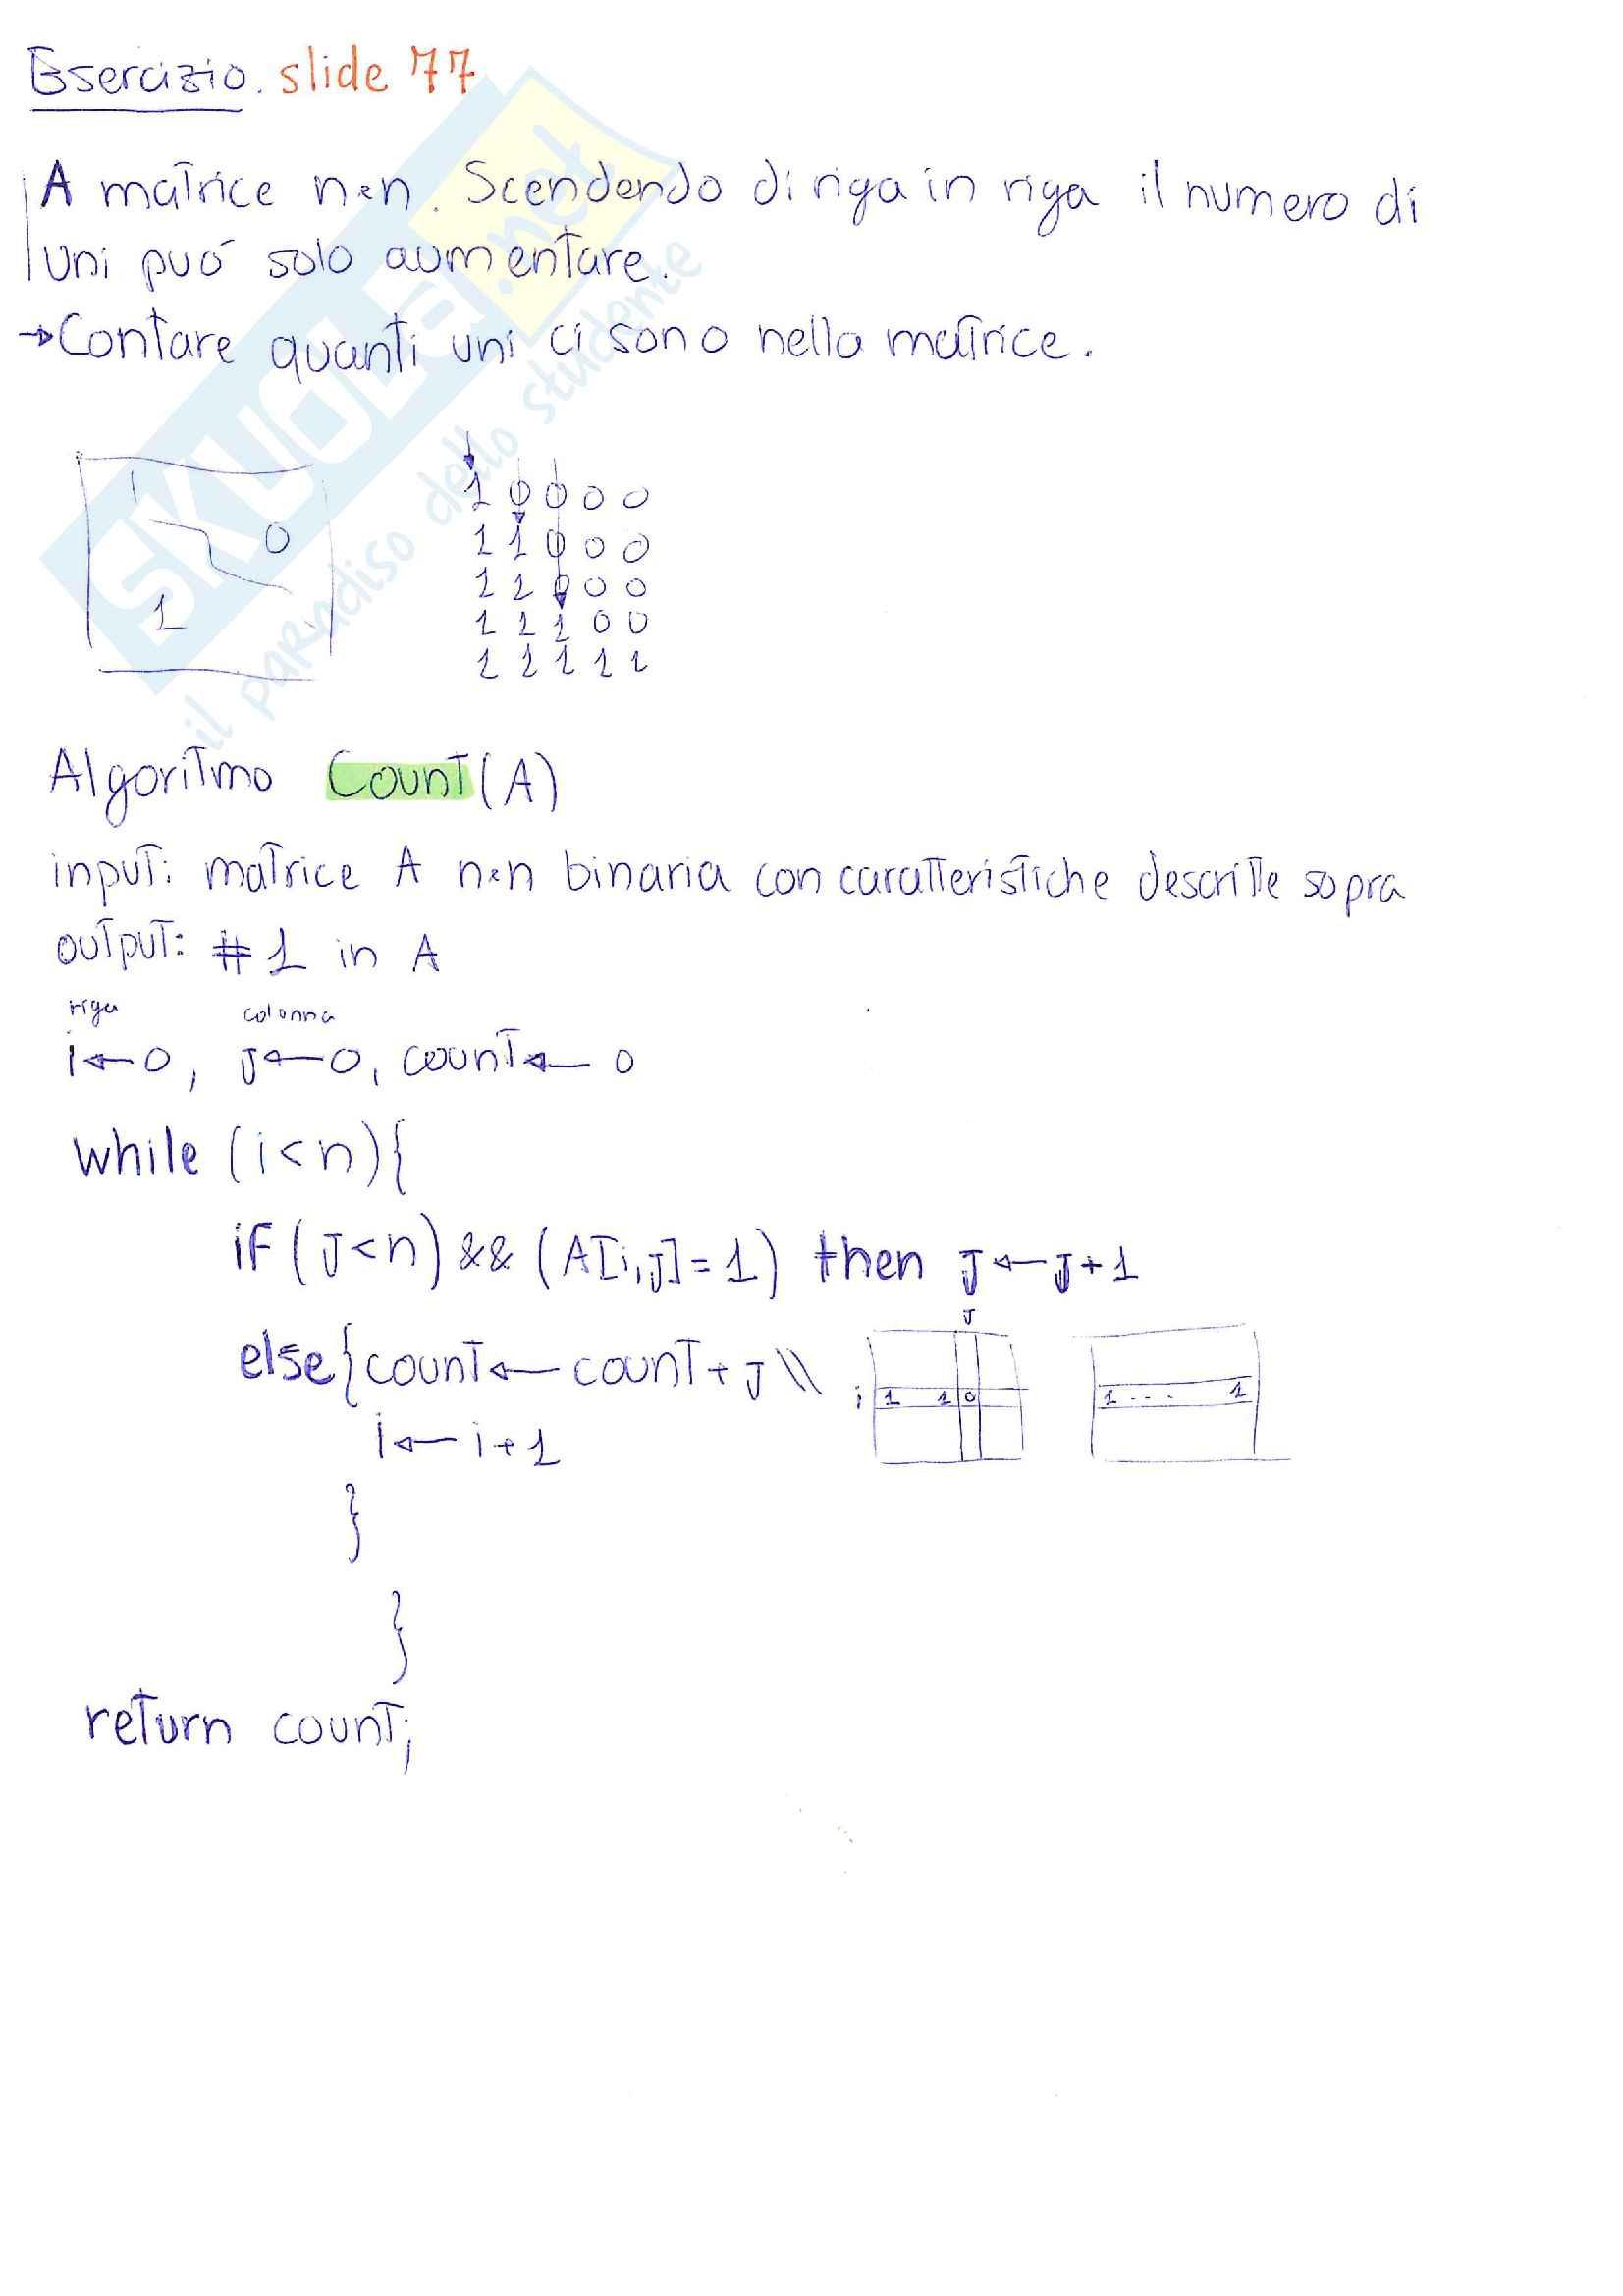 Dati e Algoritmi 1 - appunti essenziali ed esercizi Pag. 11